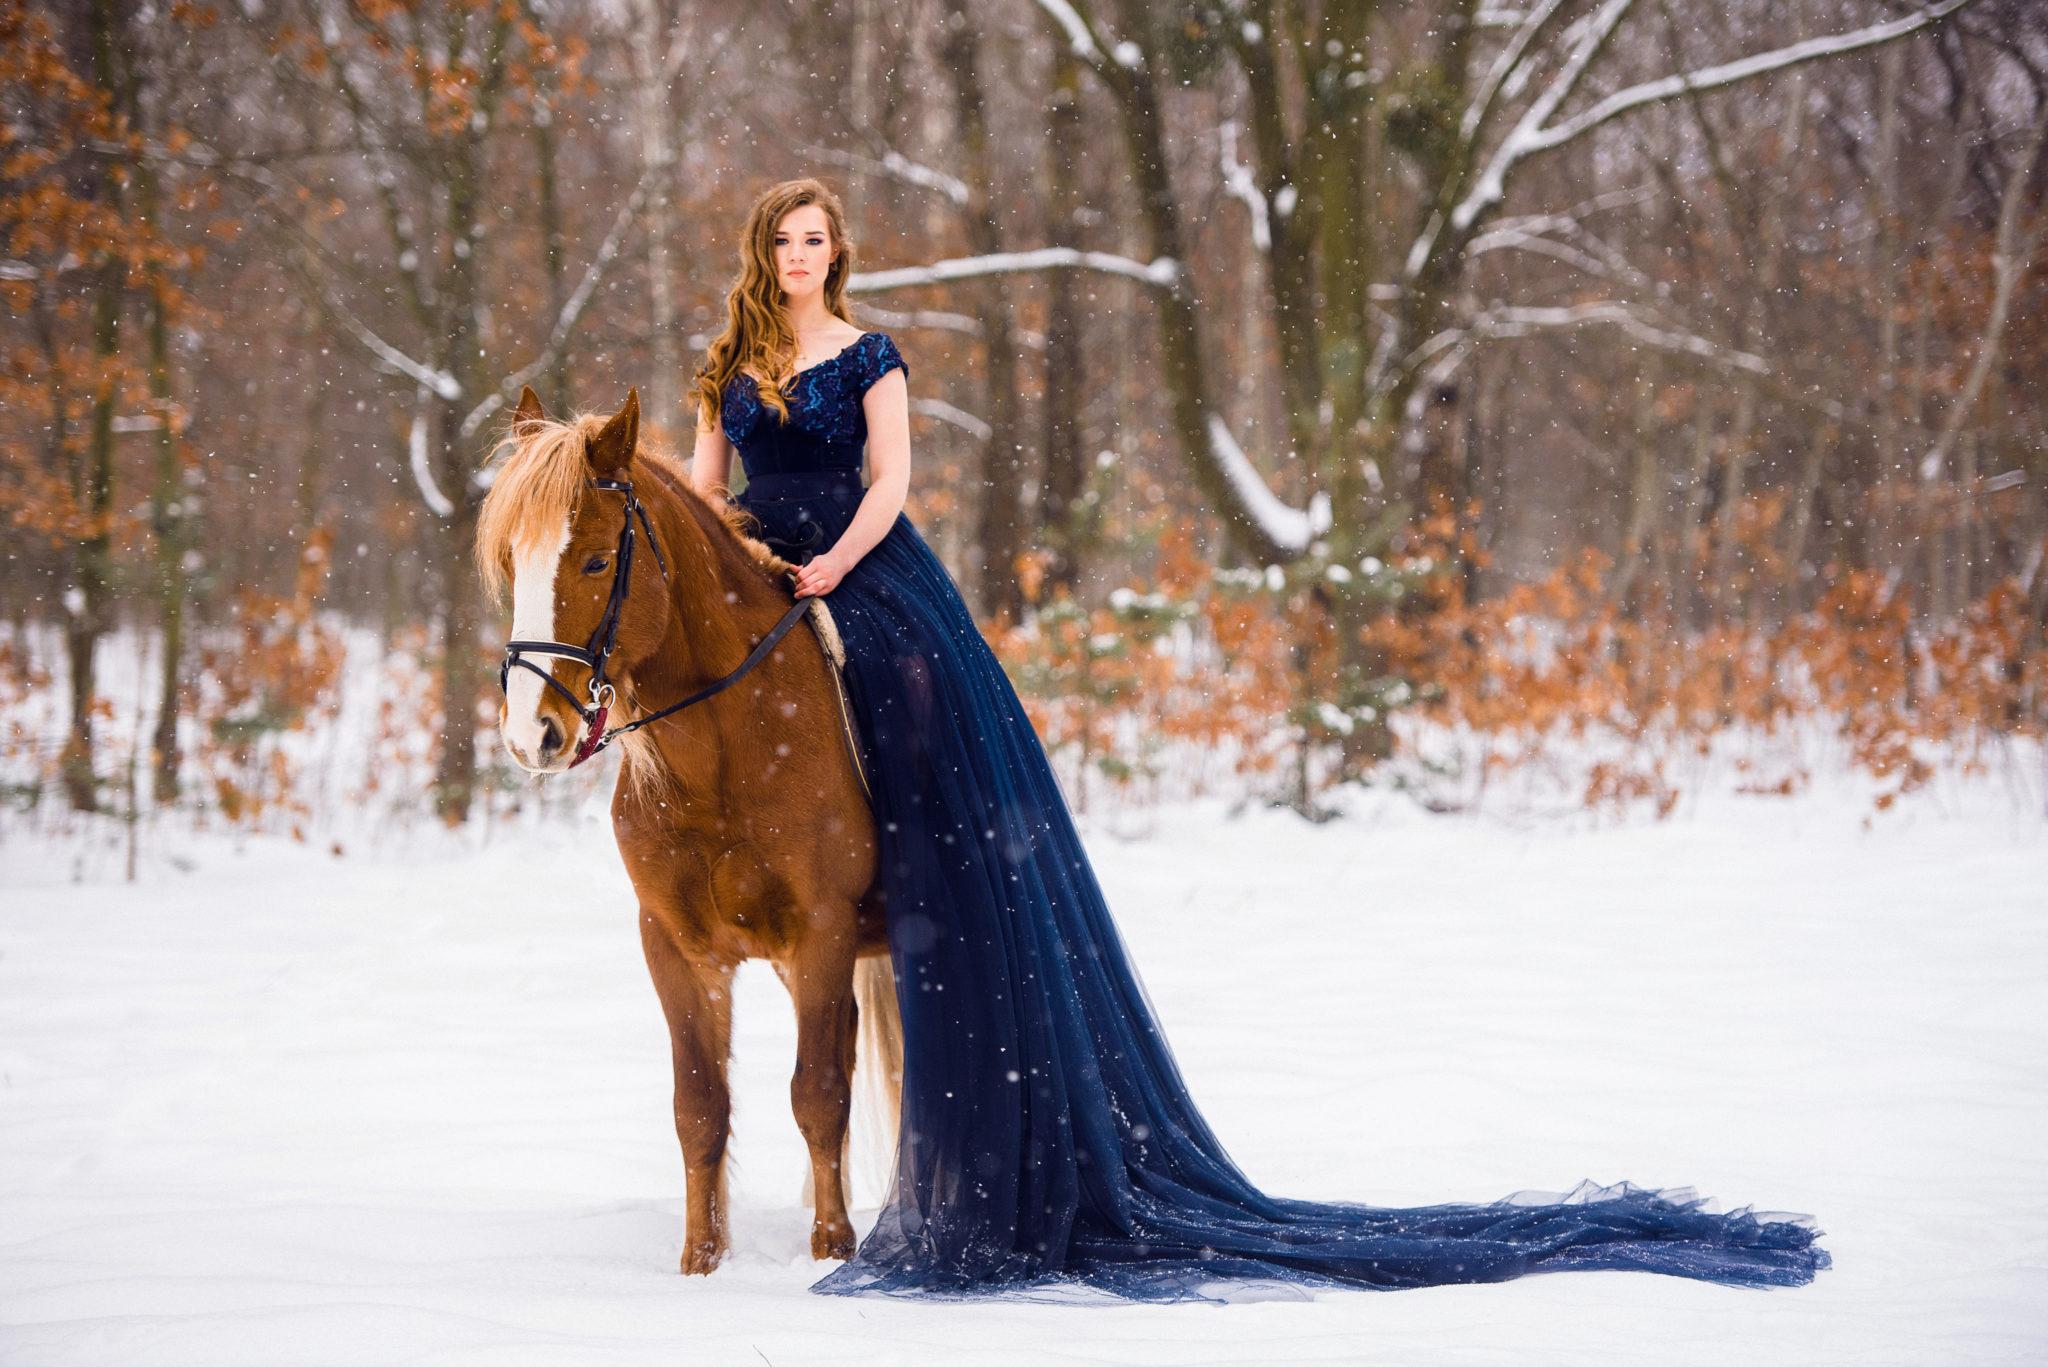 Фотосессия с лошадьми, ph Постникова Алиса, локация Парк Дружбы Народов, зимний лес